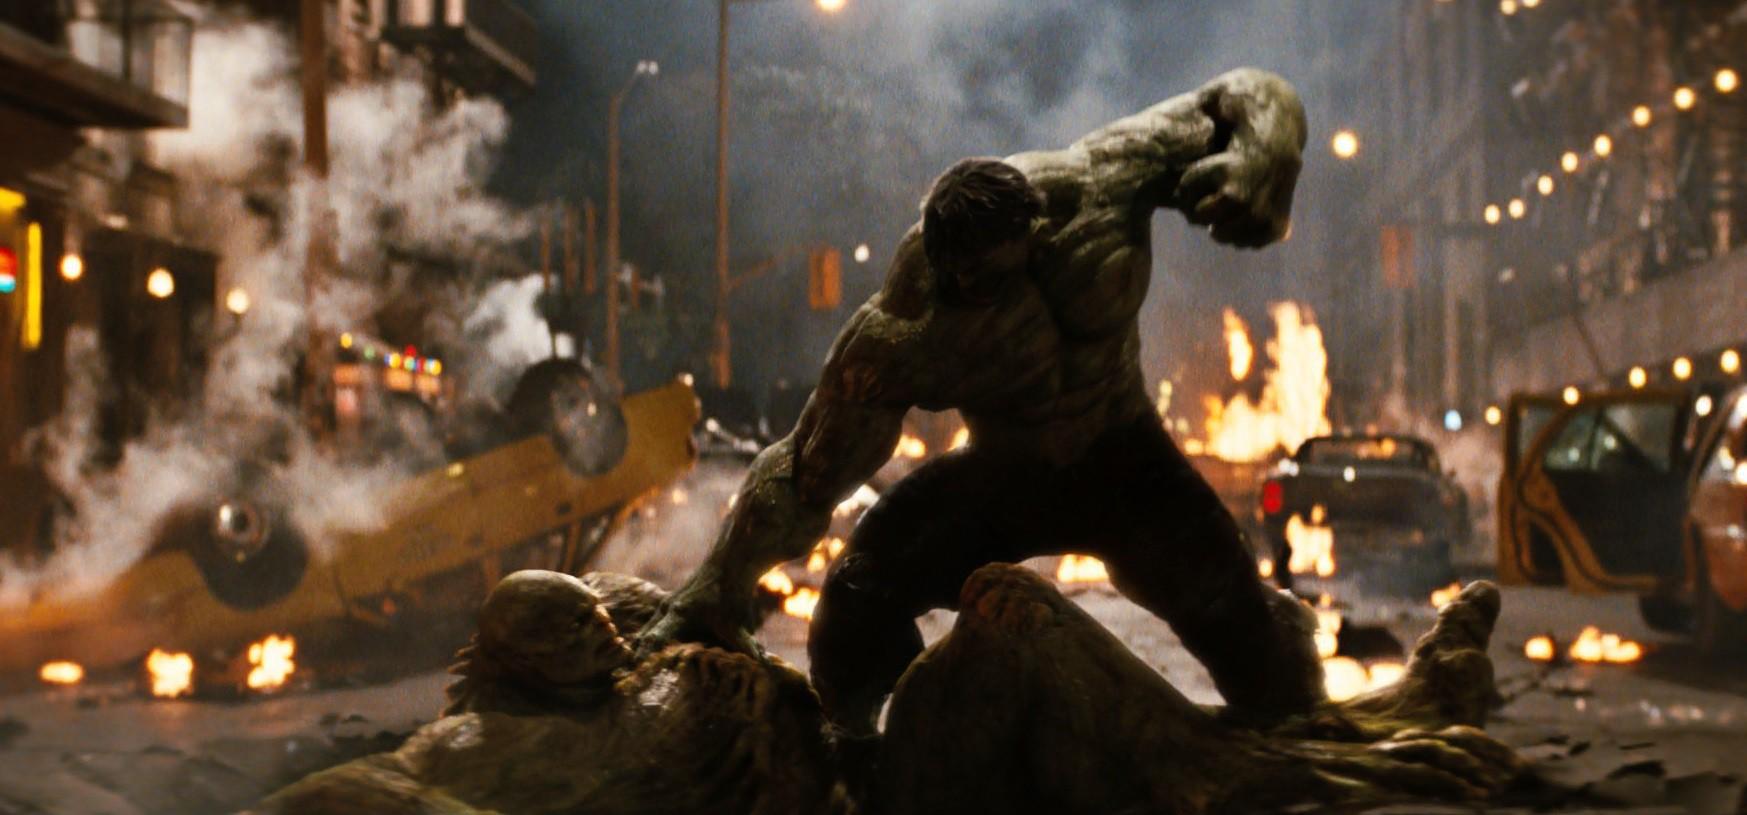 Nín thở với 10 cảnh quái vật khổng lồ chiến đấu ấn tượng trên màn ảnh rộng - Ảnh 10.